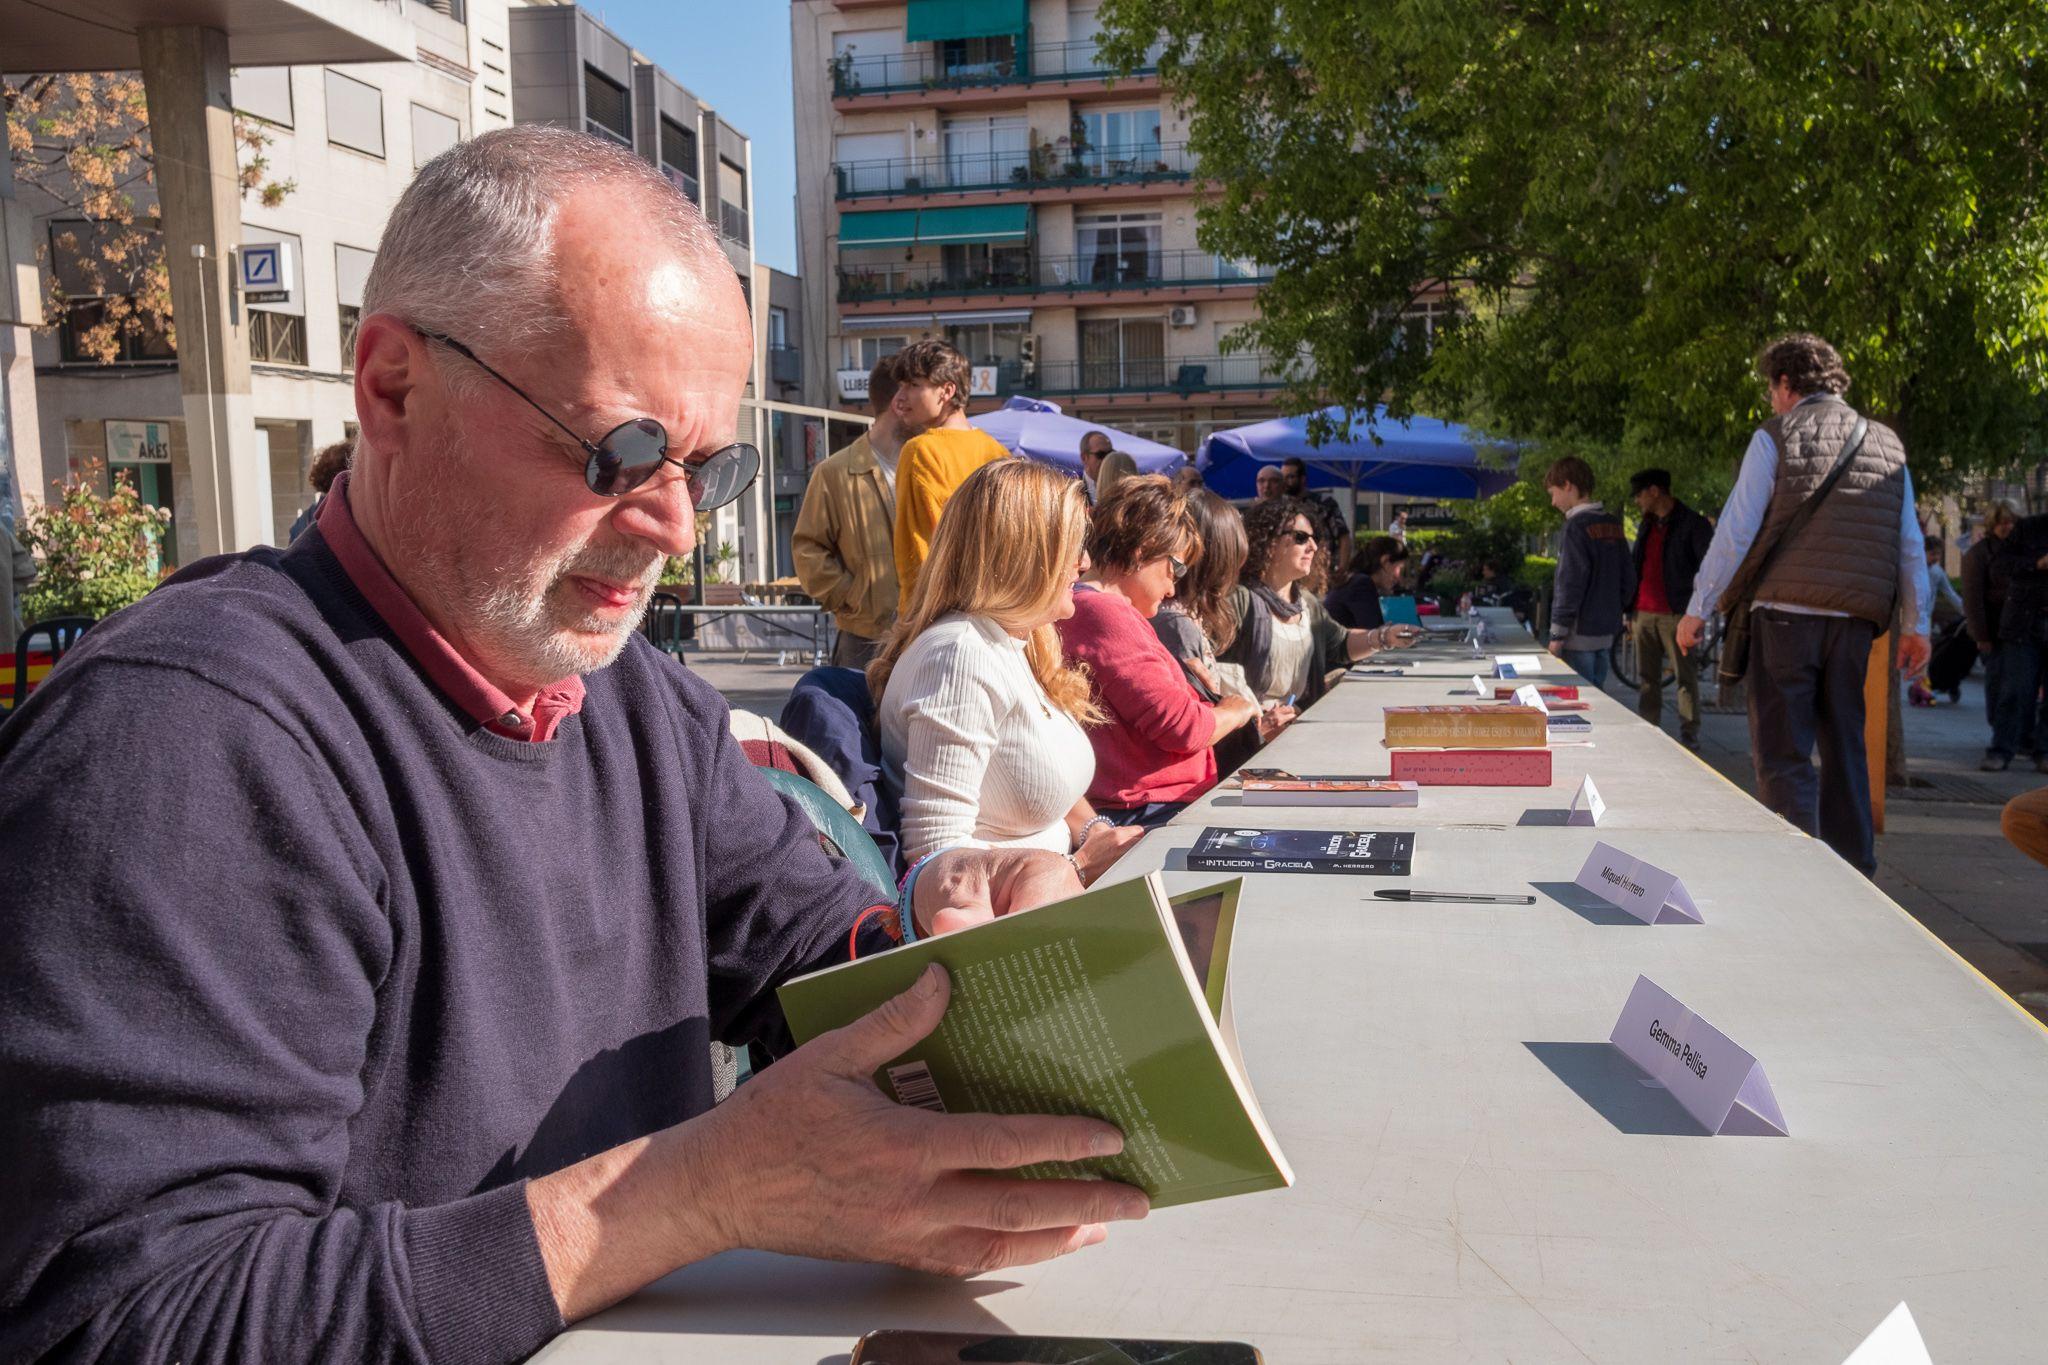 La taula d'escriptors a la plaça 4 cantons. FOTO: Ale Gómez.